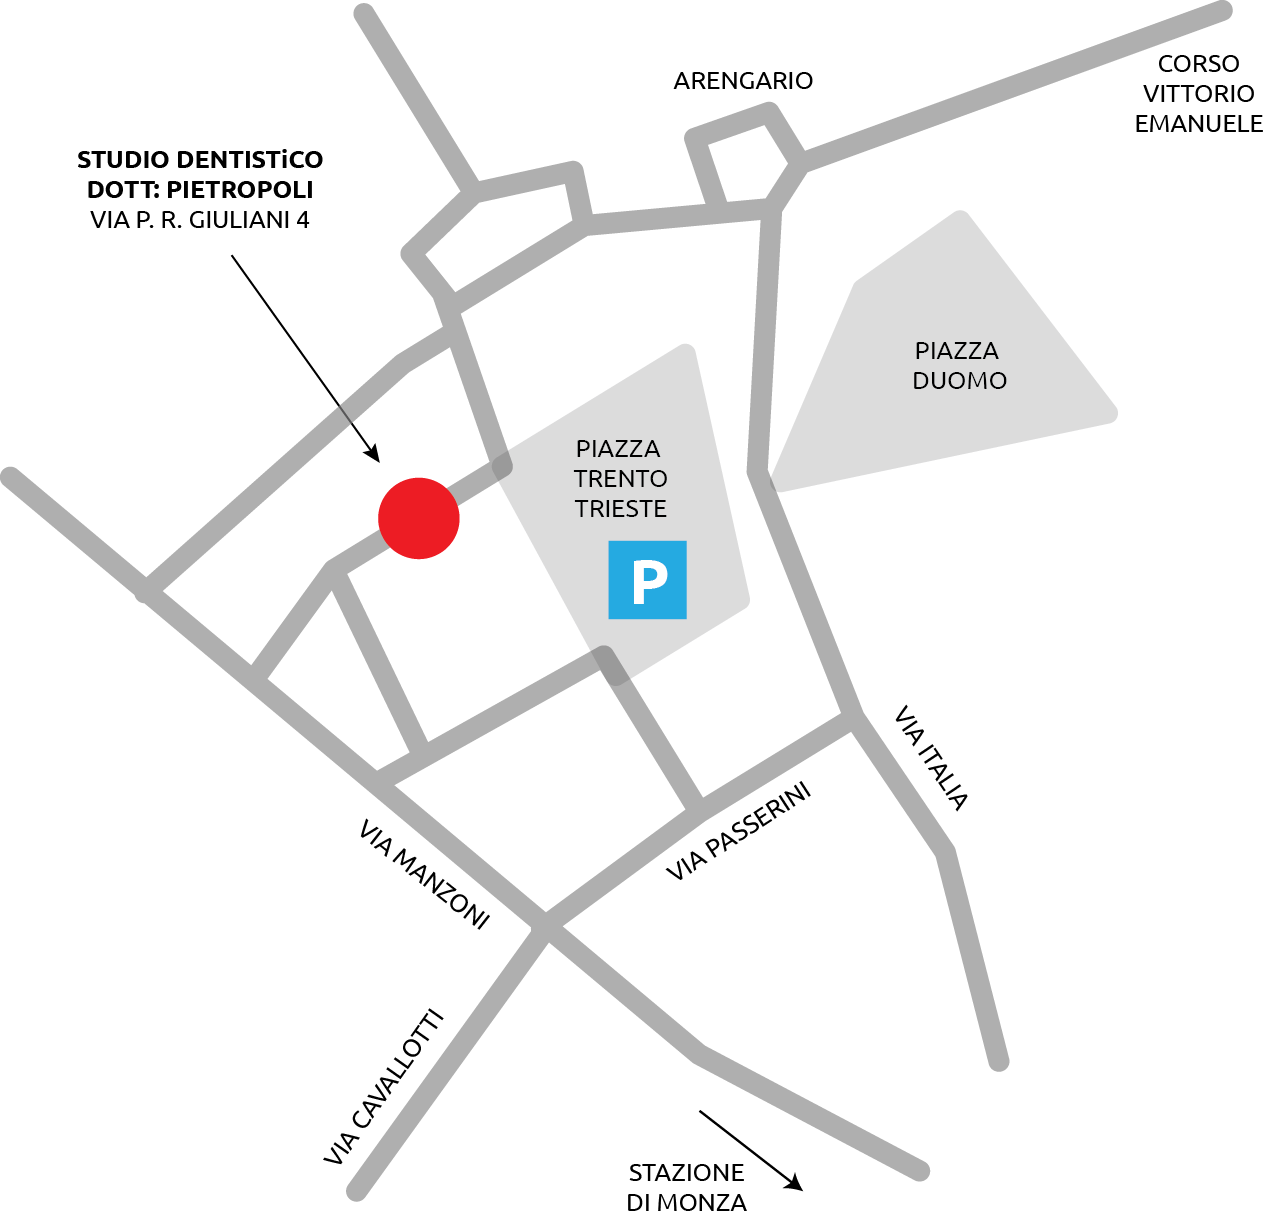 mappa-studio-dentistico-maggioni-pietropoli